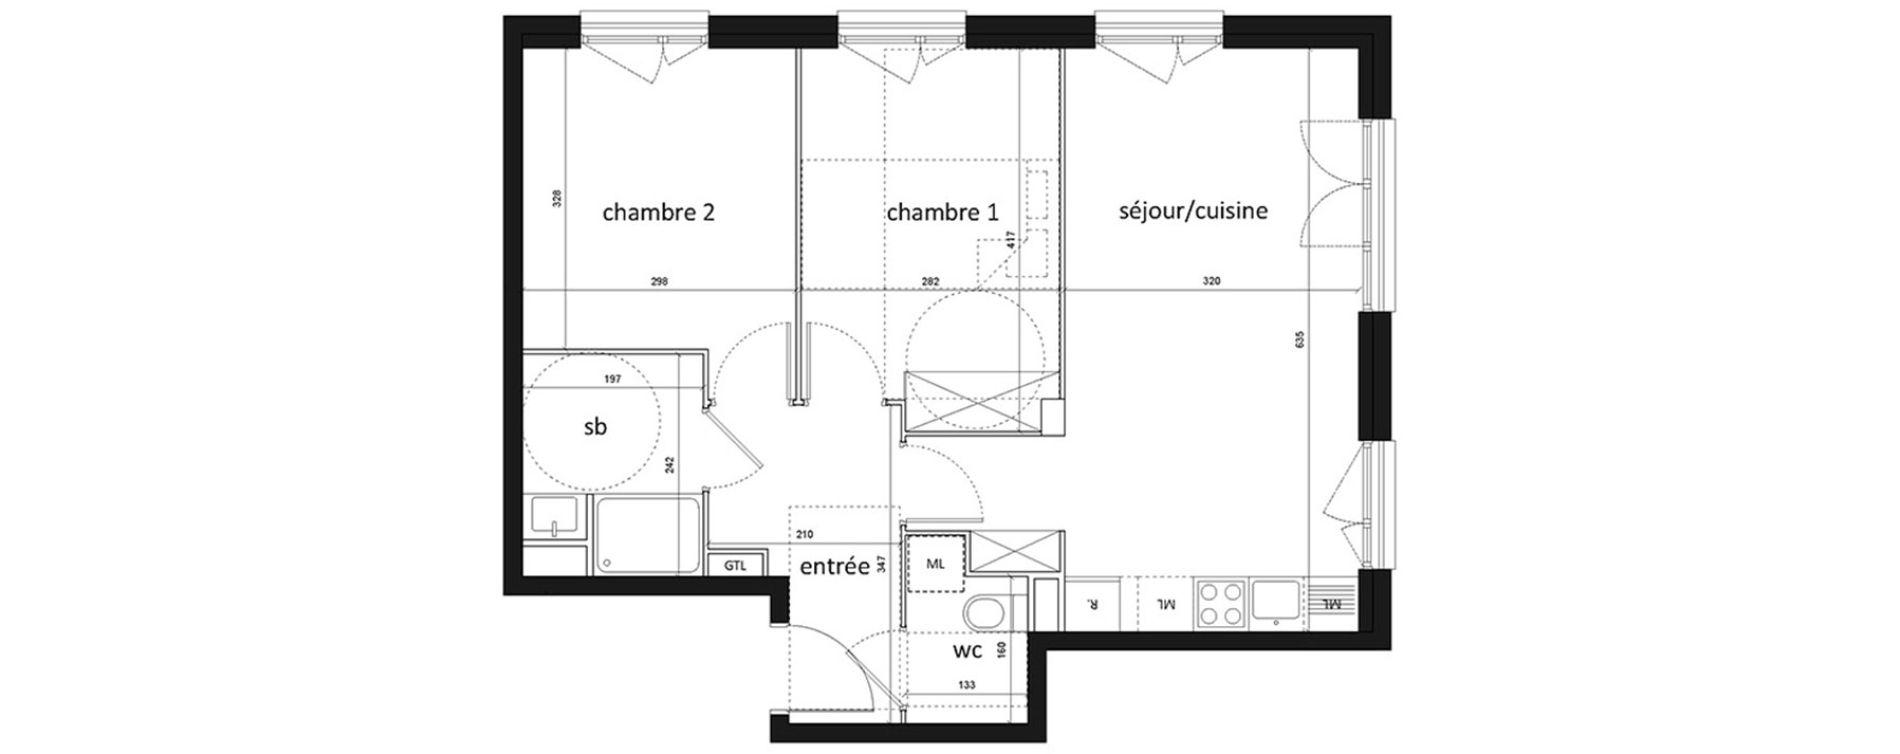 Appartement T3 De 56 50m2 1er étage Se Grand Air Les Mureaux